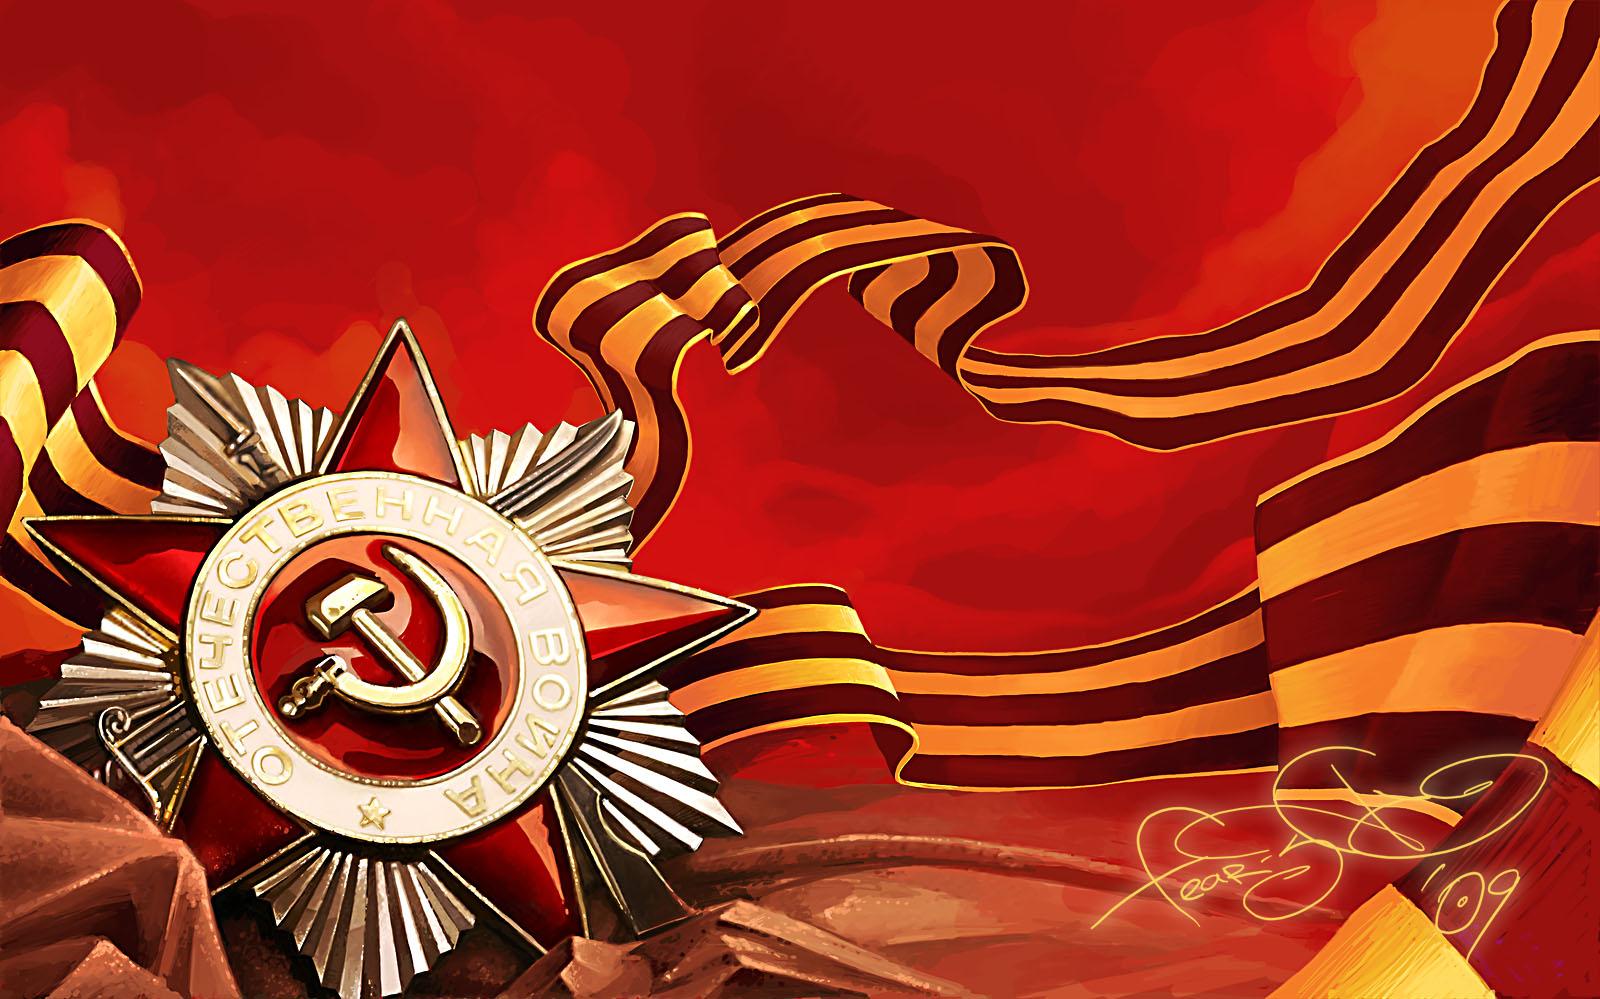 Картинки для блога по теме день победы в россии